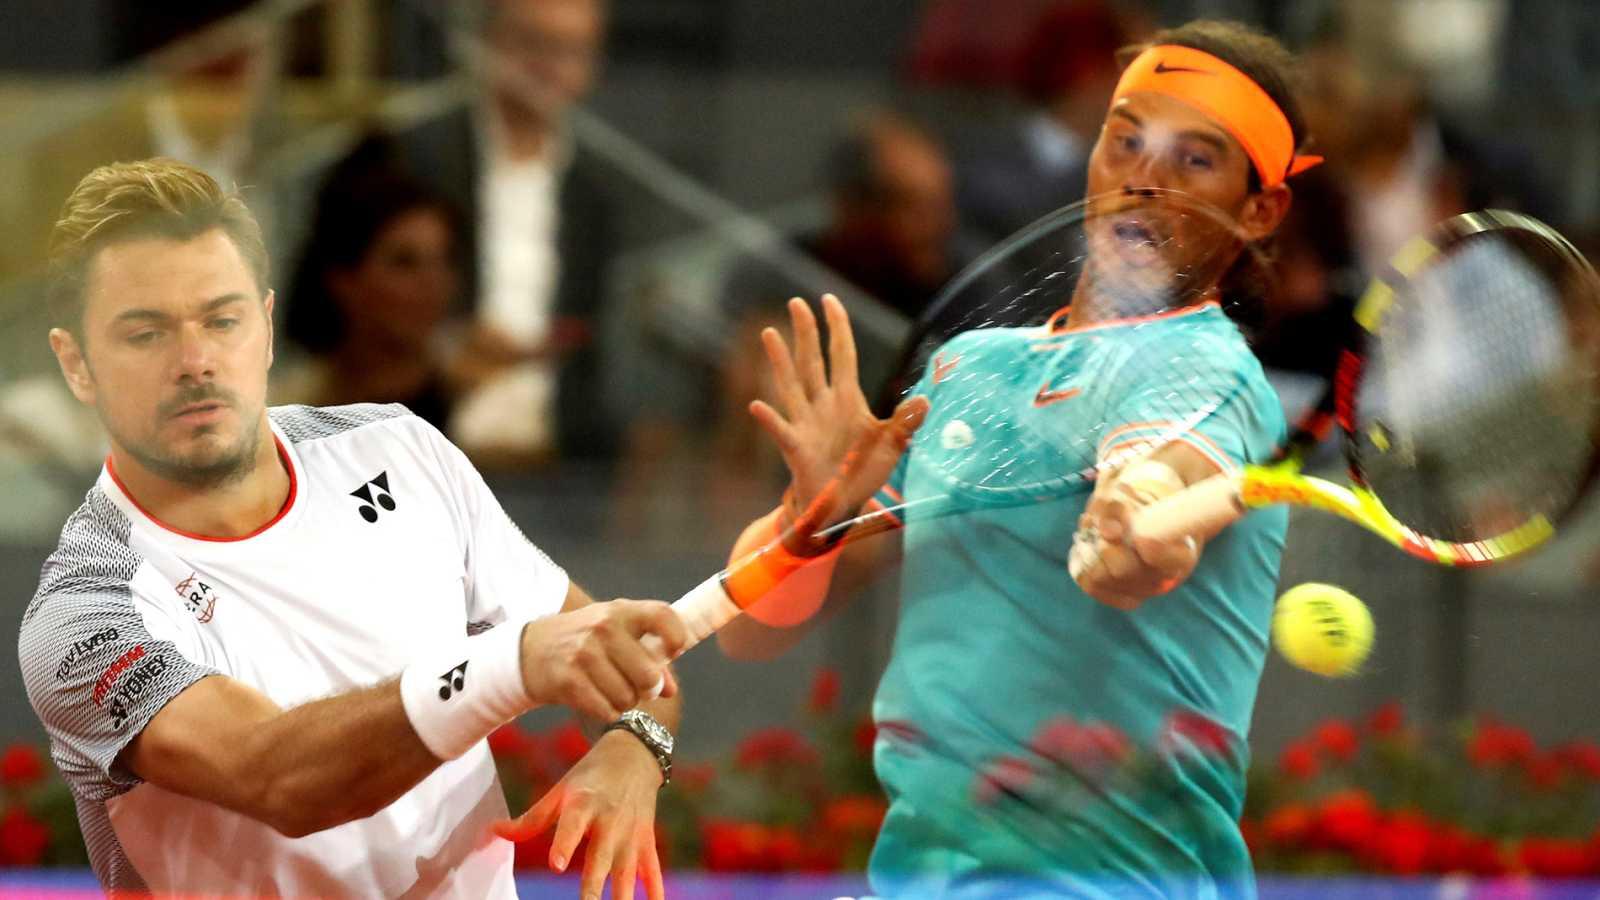 Resumen del partido de cuartos de final del Madrid Open: Nadal - Wawrinka (6-1 y 6-2)